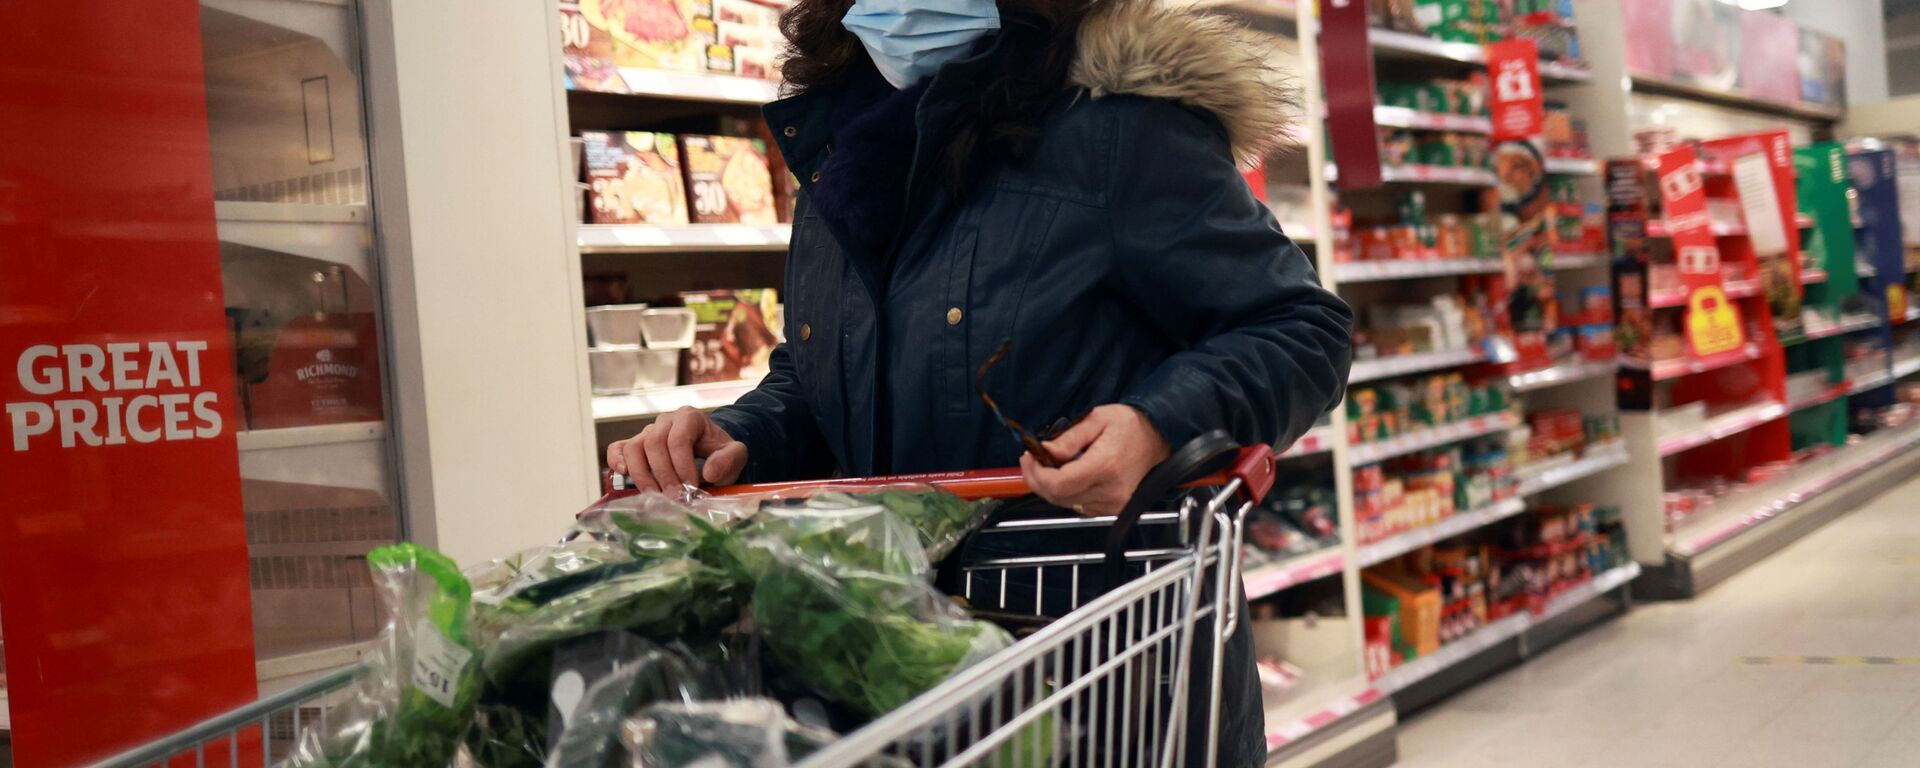 Женщина в защитной маске в супермаркете - Sputnik Латвия, 1920, 12.02.2021